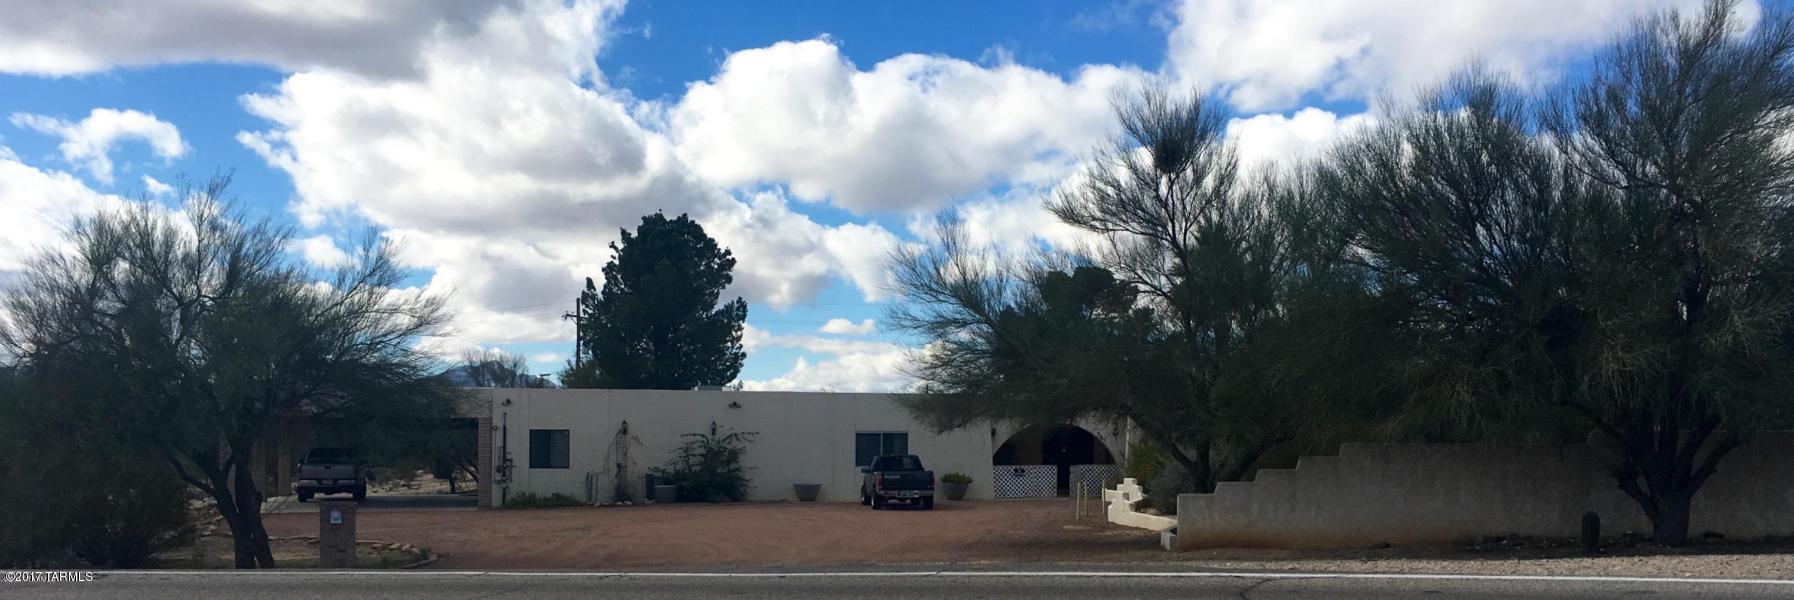 7161 N Mona Lisa Road, Tucson, AZ 85741